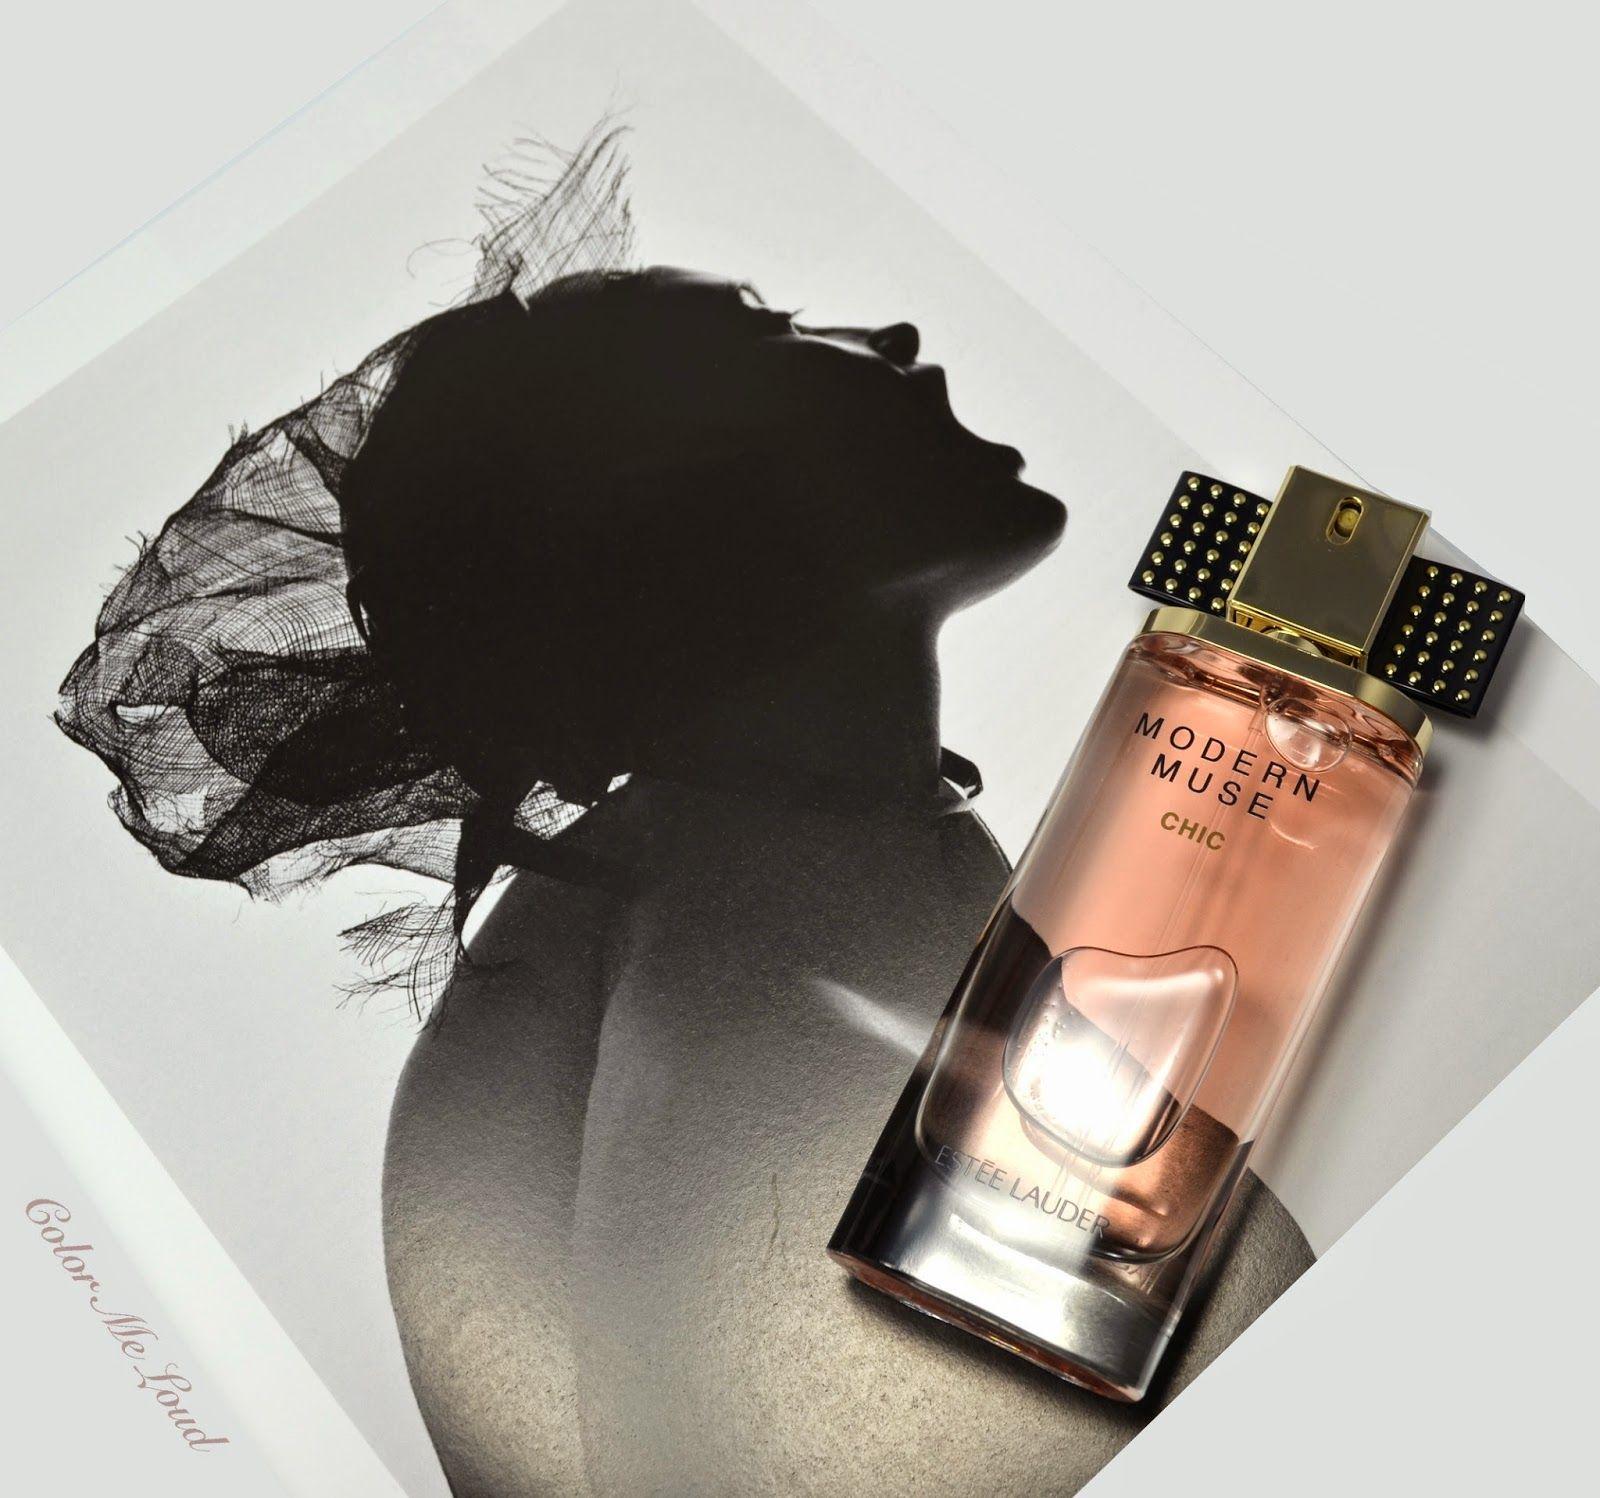 Estee Lauder Modern Muse Chic Eau De Parfum Photos Review Estee Lauder Modern Muse Modern Muse Modern